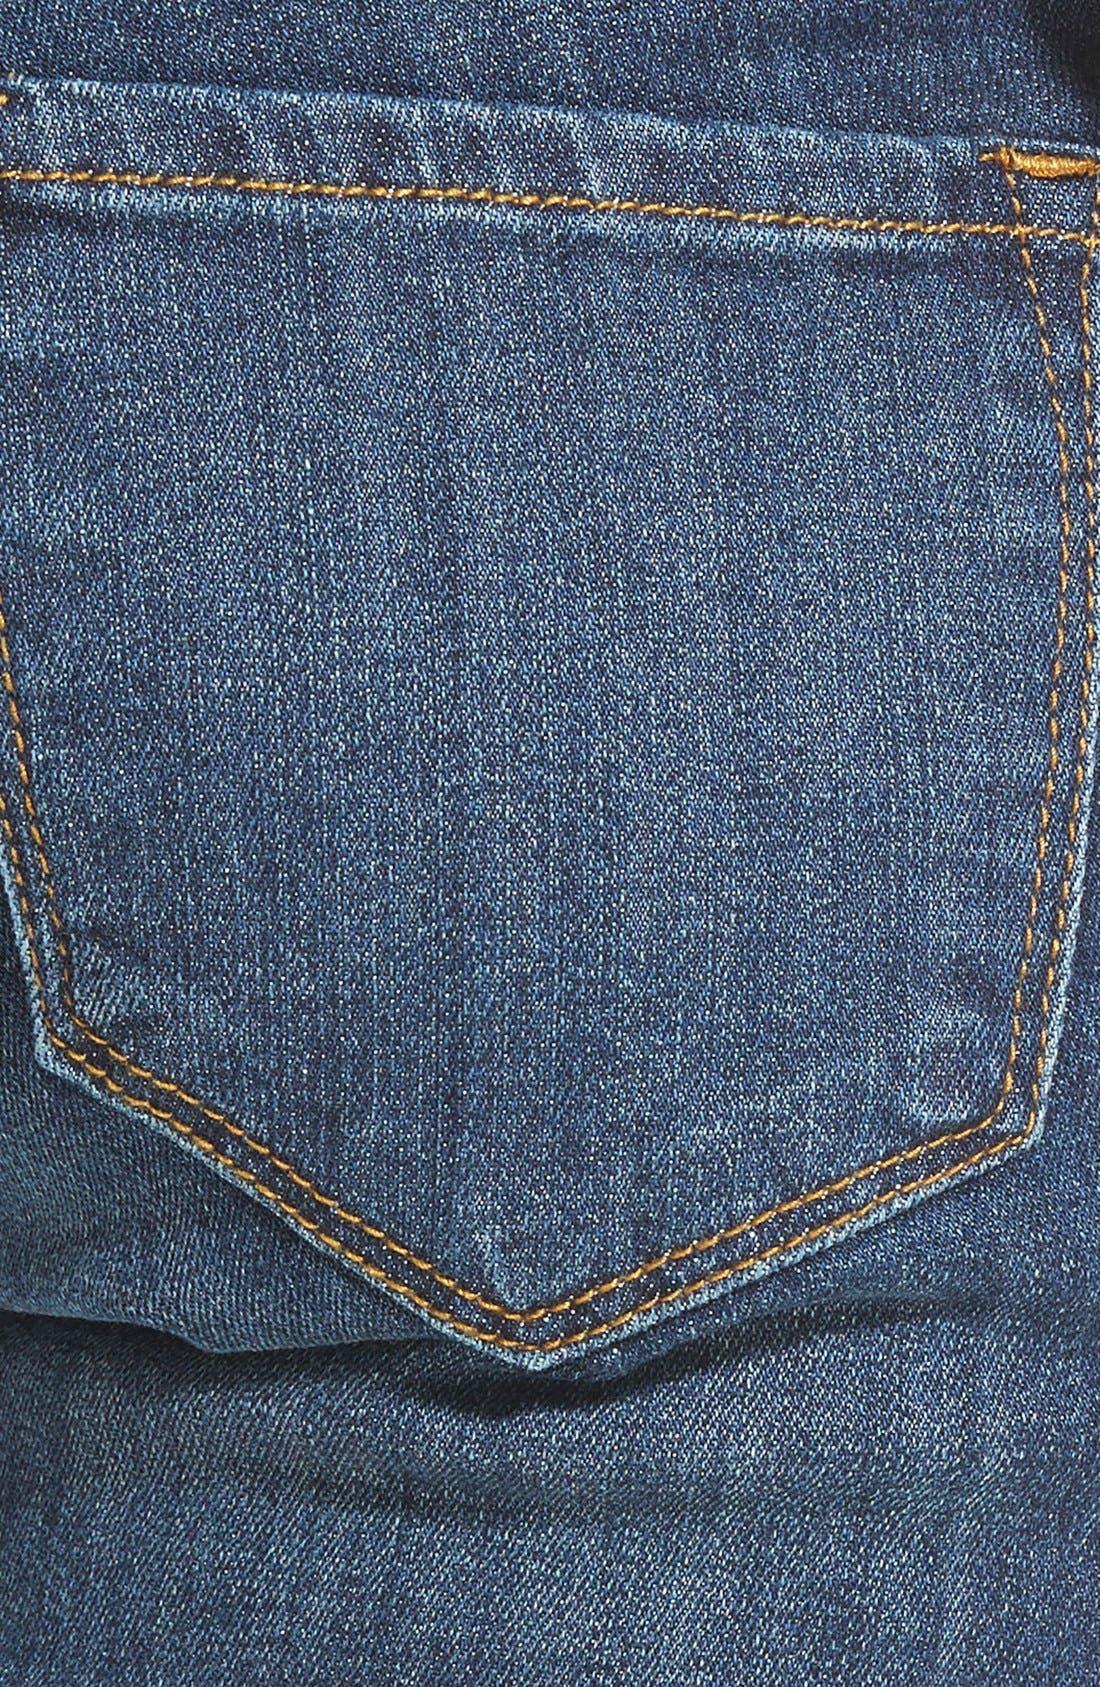 Alternate Image 4  - STSBlue 'Joey' Low Rise Boyfriend Jeans (Big Bear)